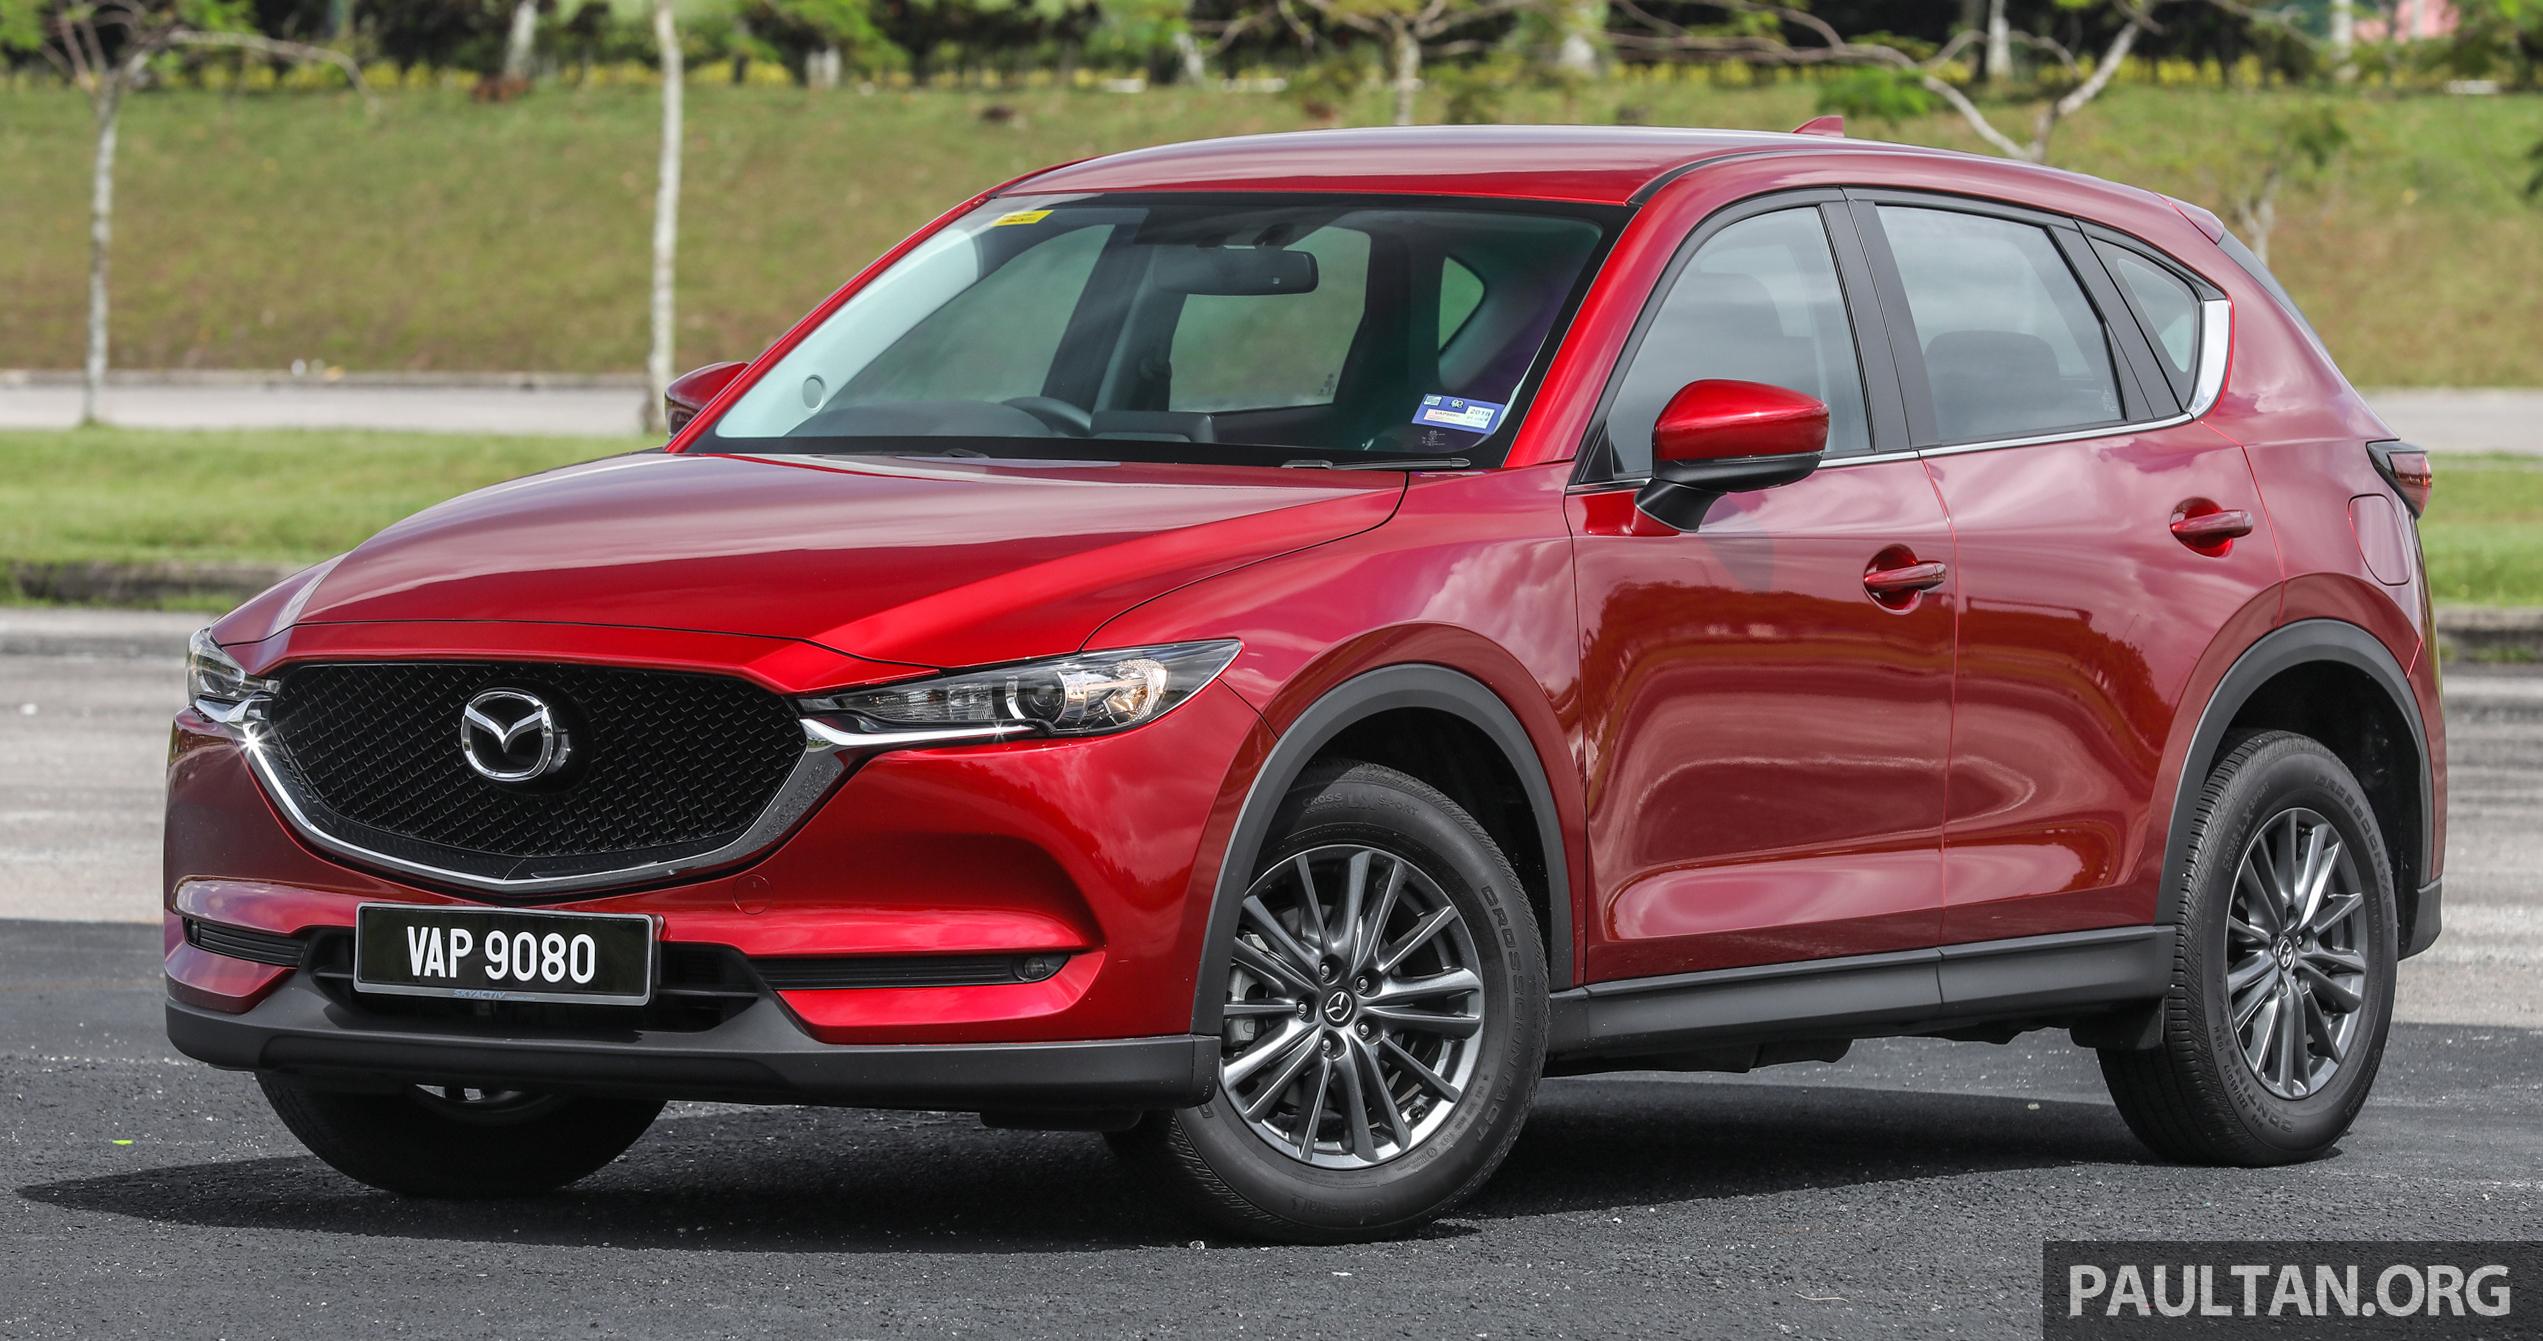 Kekurangan Mazda Cx2 Top Model Tahun Ini